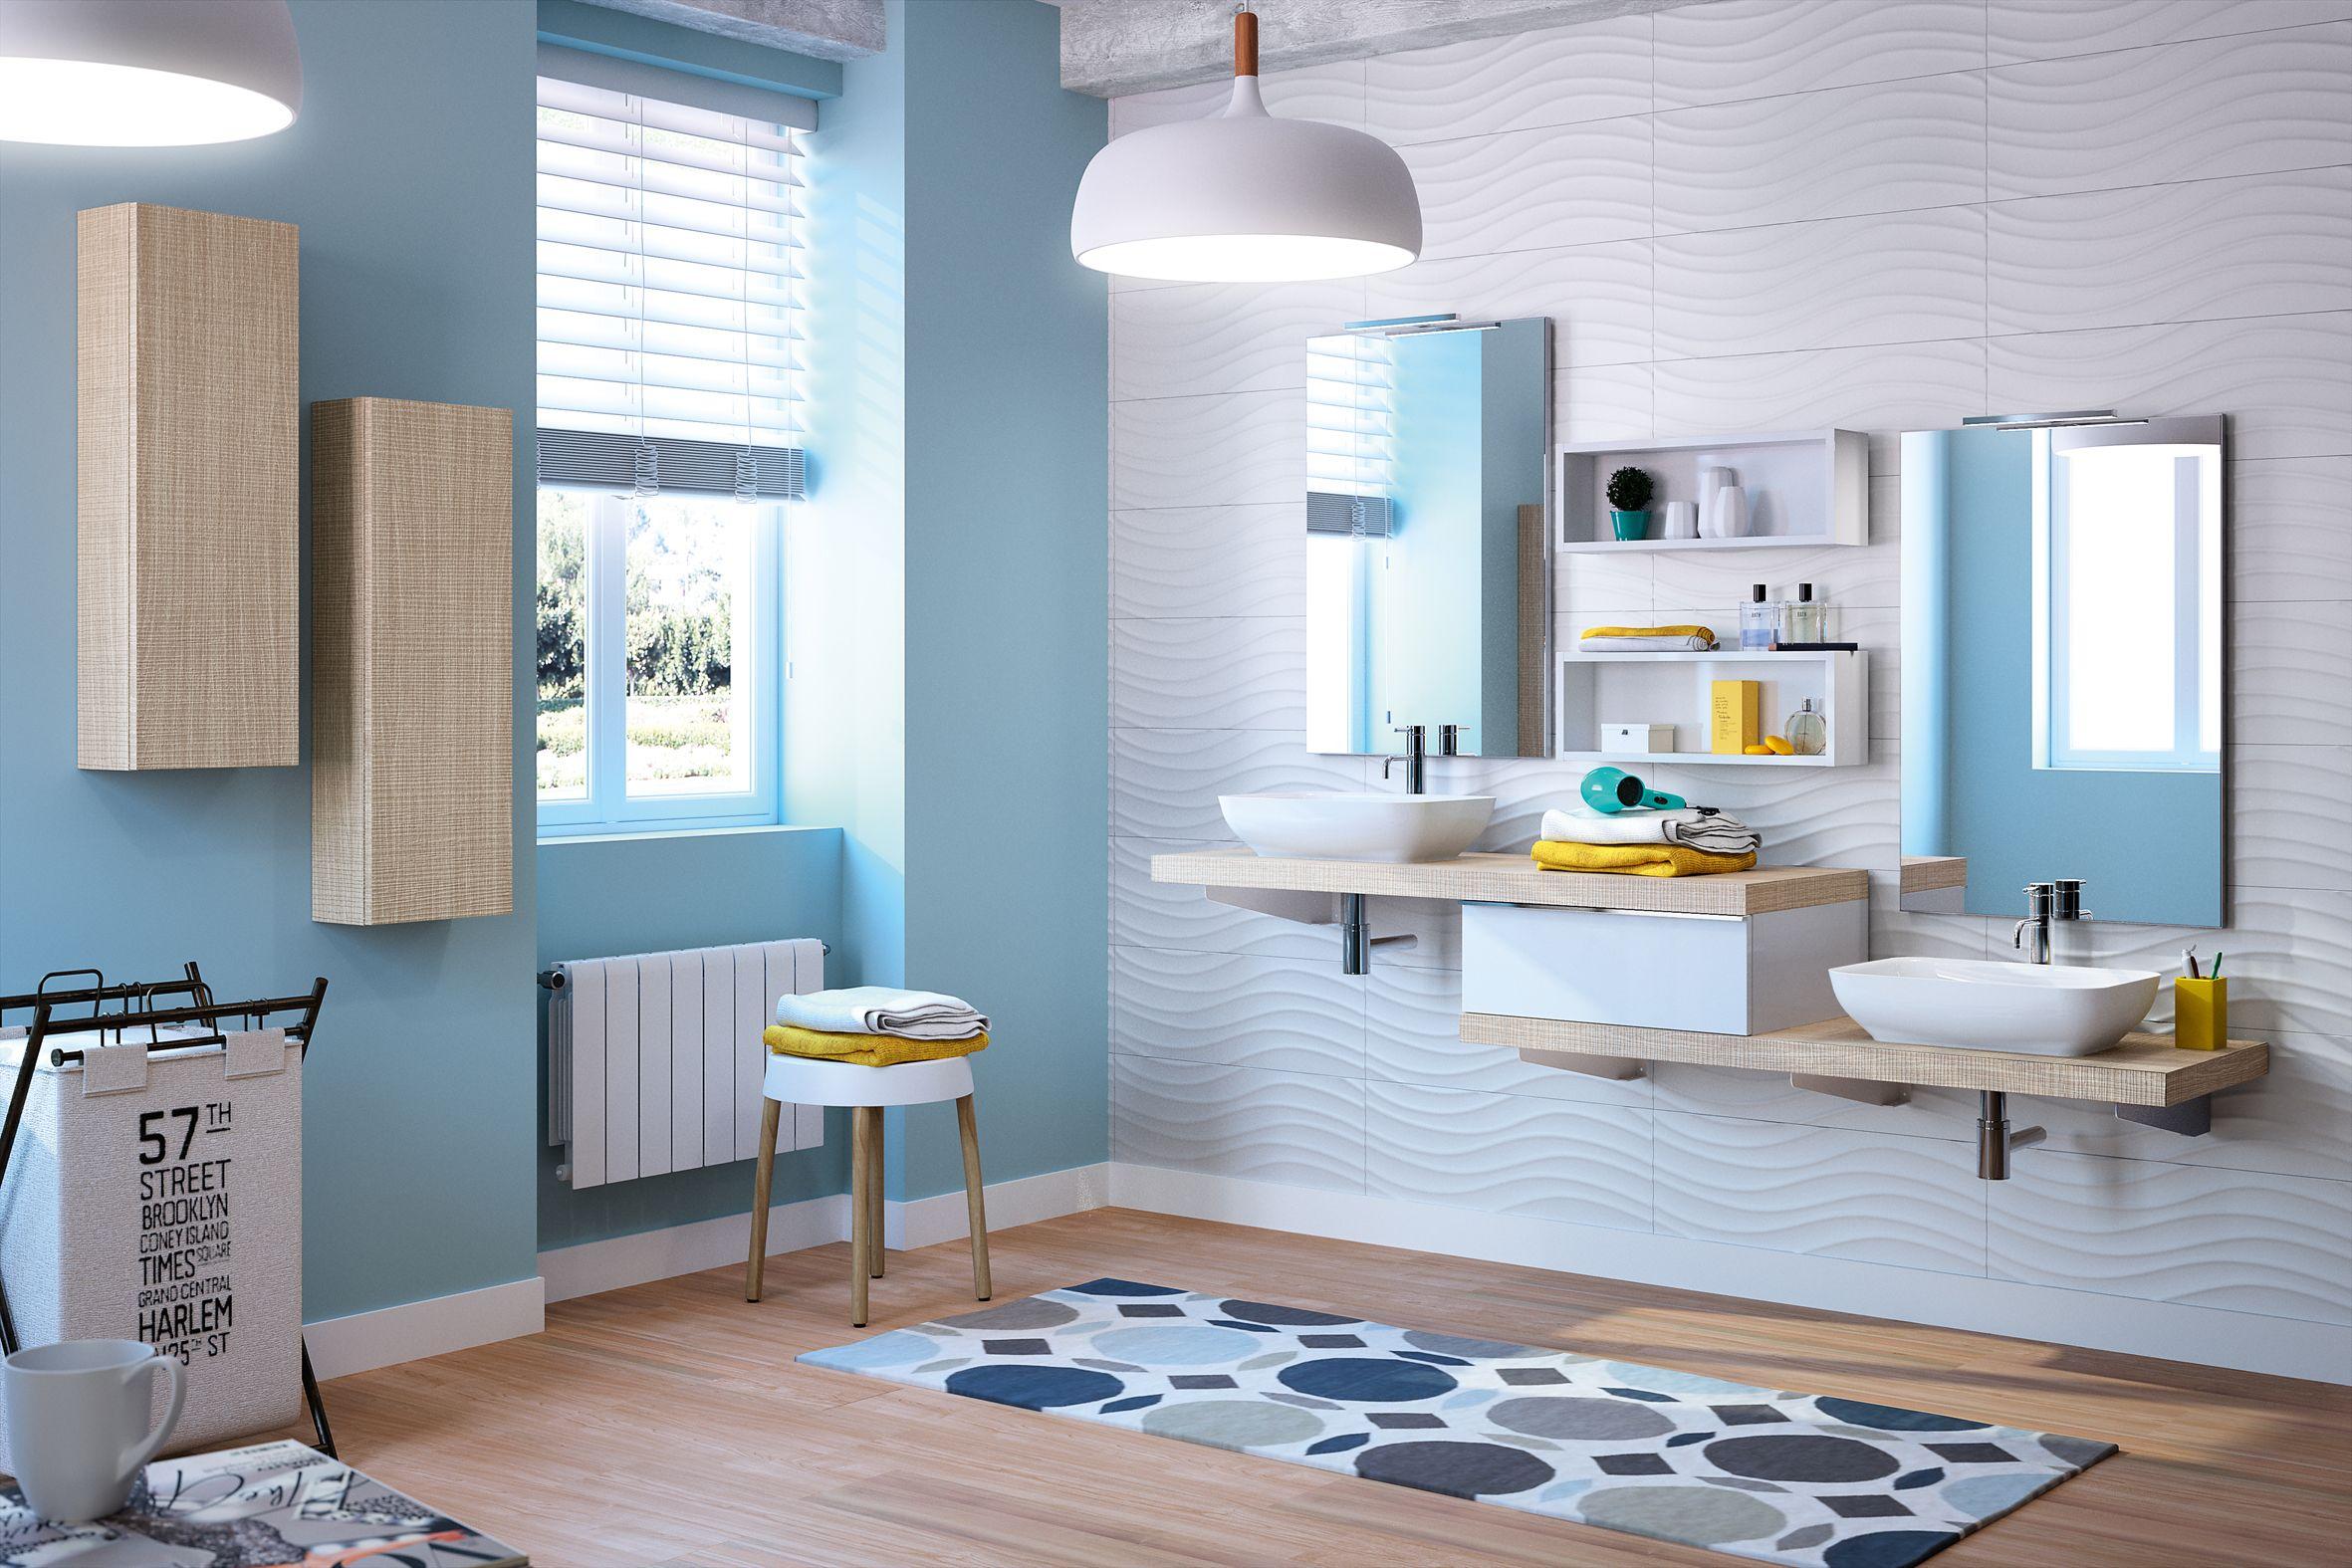 Meubles de salle de bain Cedam - gamme Extenso sur-mesure ...